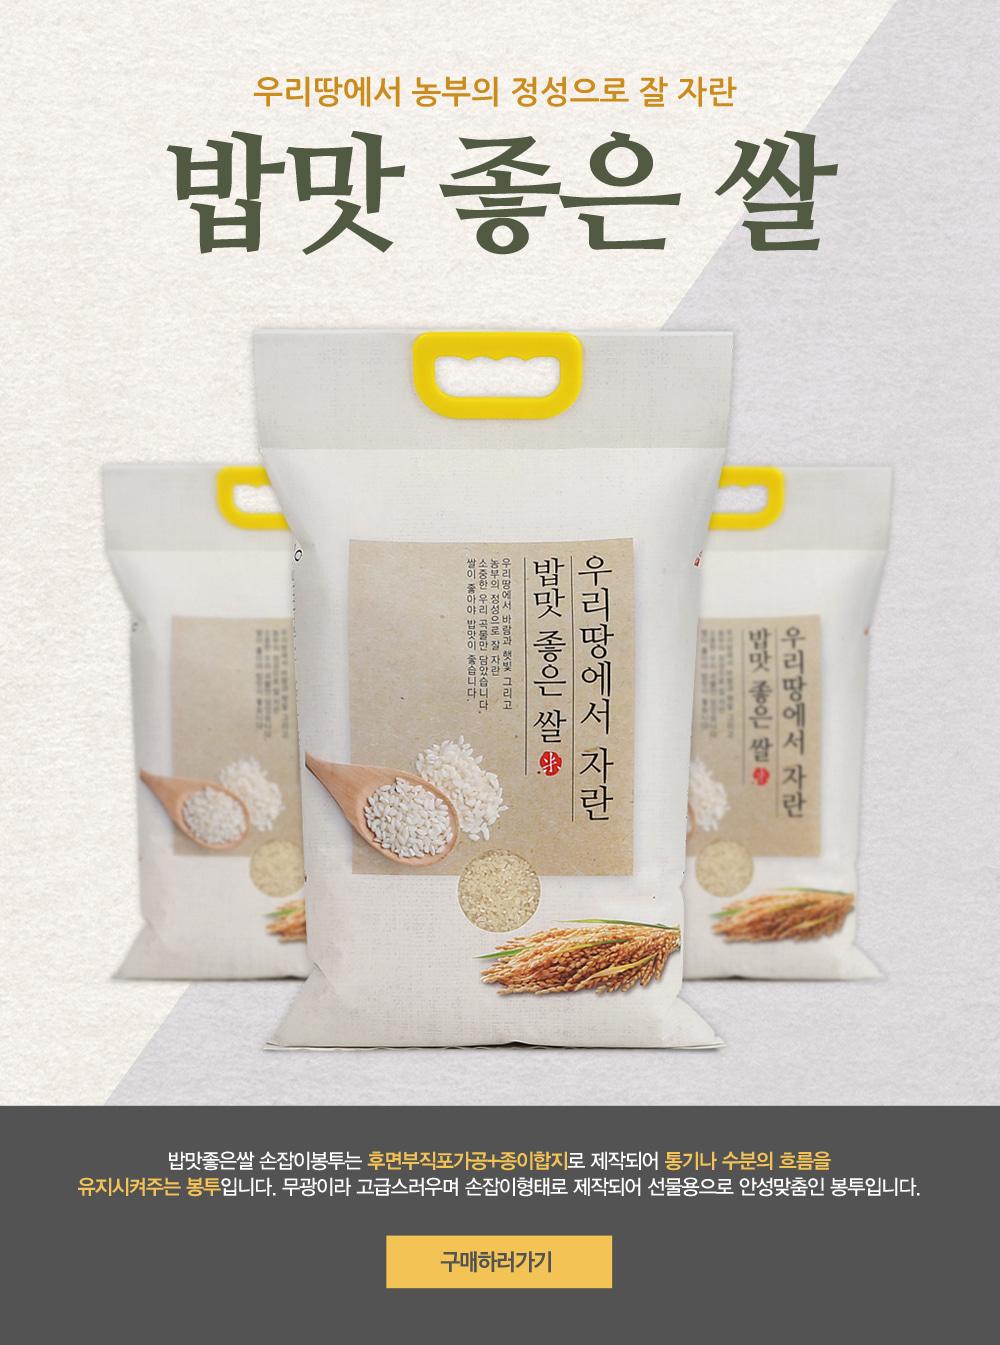 밥맛 좋은 쌀(손잡이 봉투)출시!